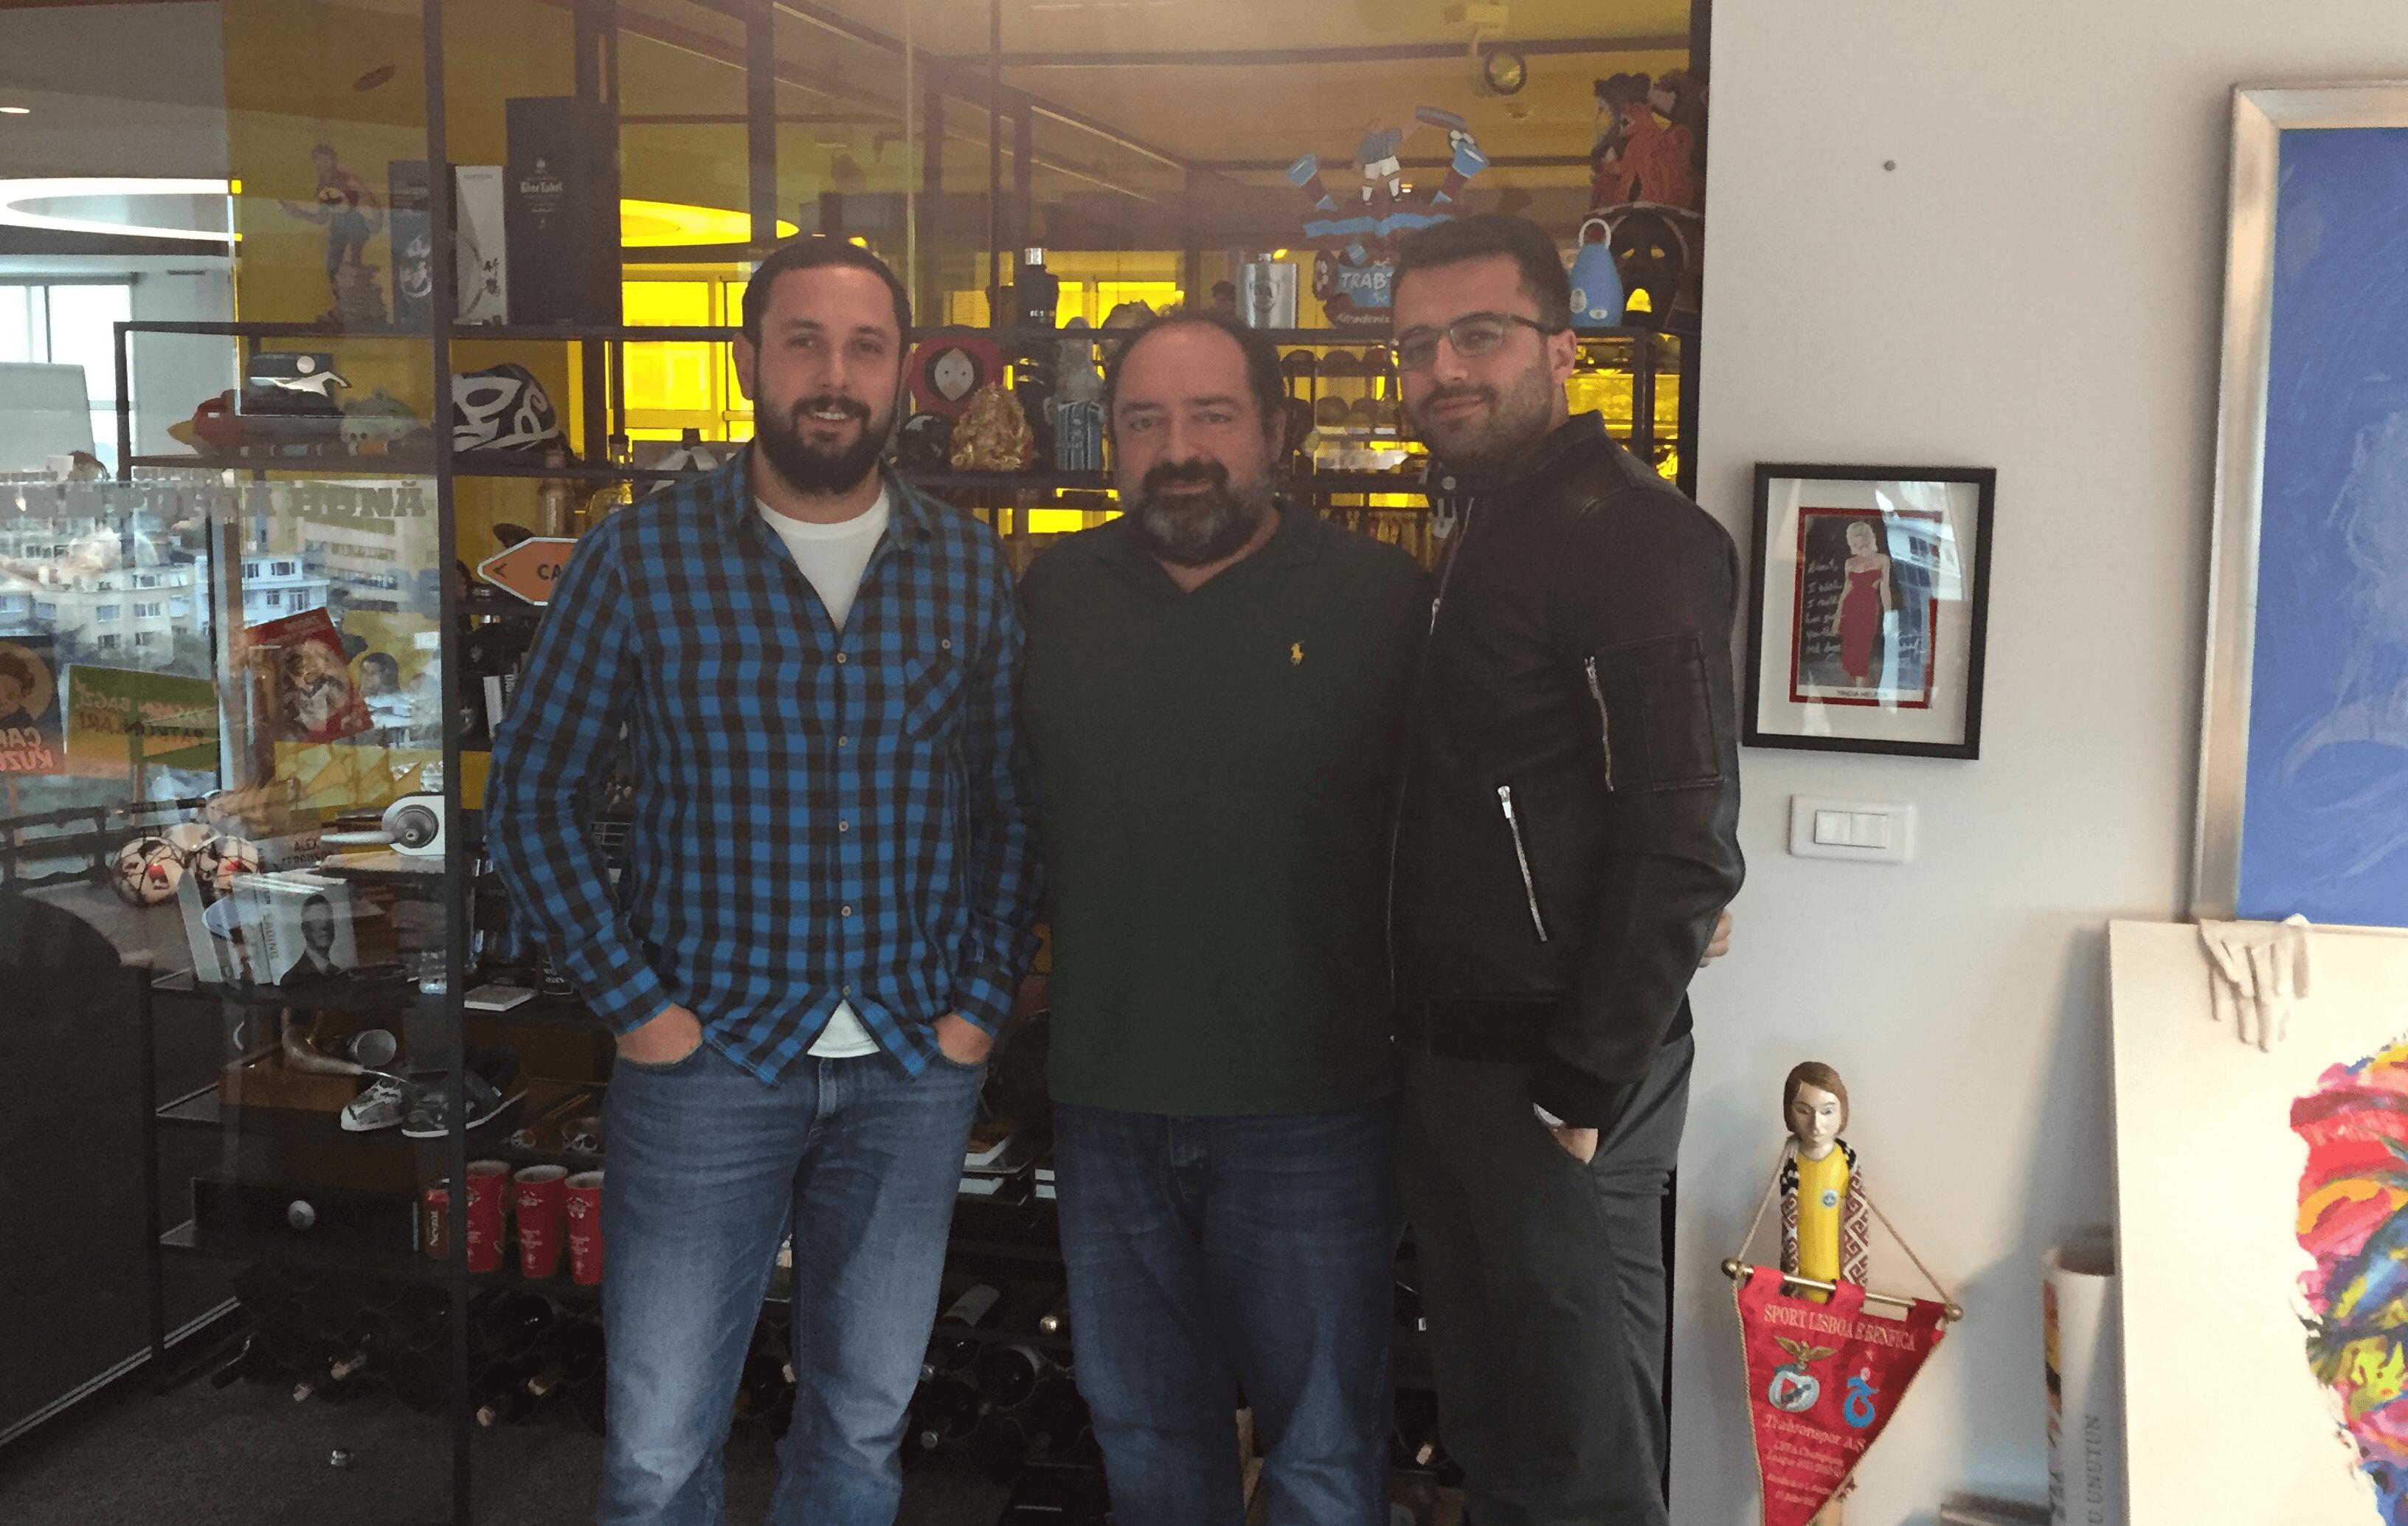 Mobil Oto Servis kurucu ortakları Kaan Saraç (solda) ve Özgen Toru'nun Nevzat Aydın'la yatırım sonrası pozu